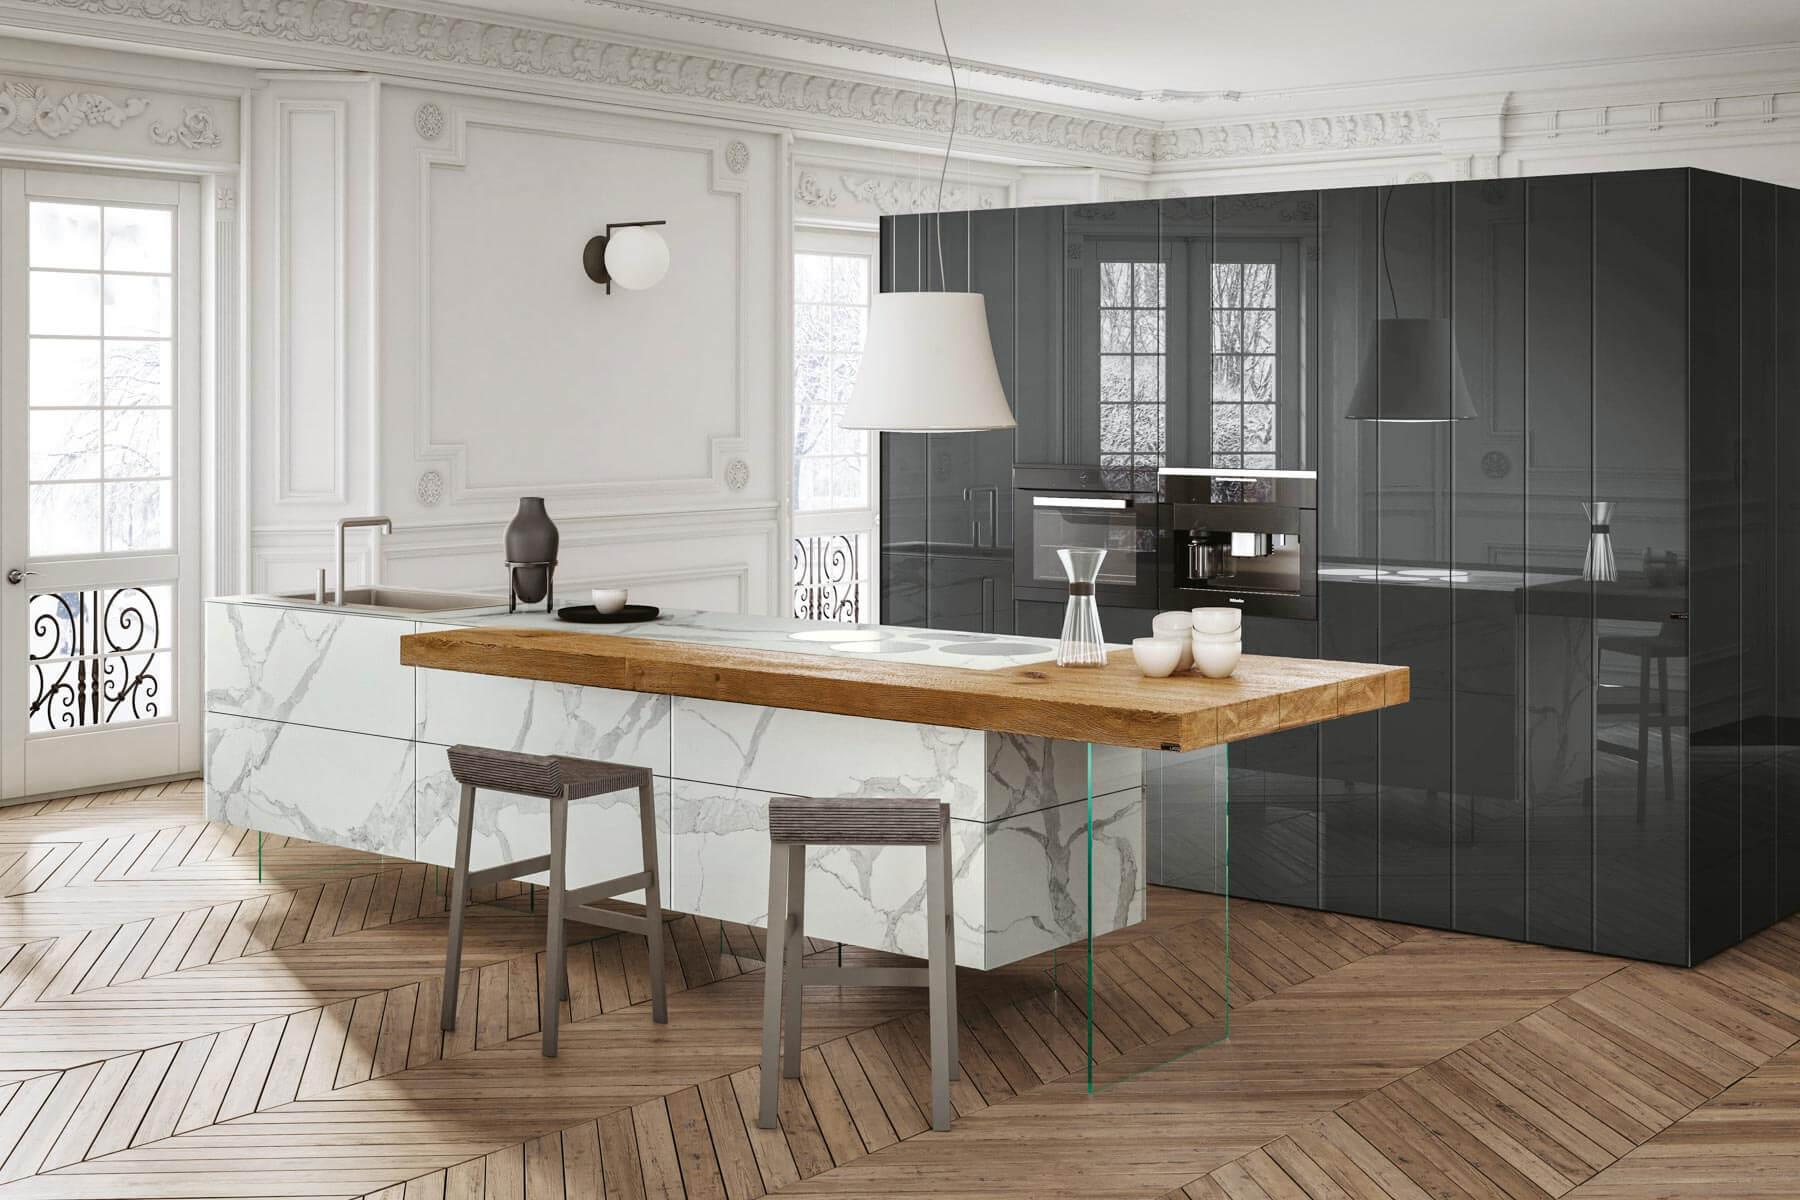 Cucine Bellissime Con Isola tendenze arredamento cucina 2020: stili e novità